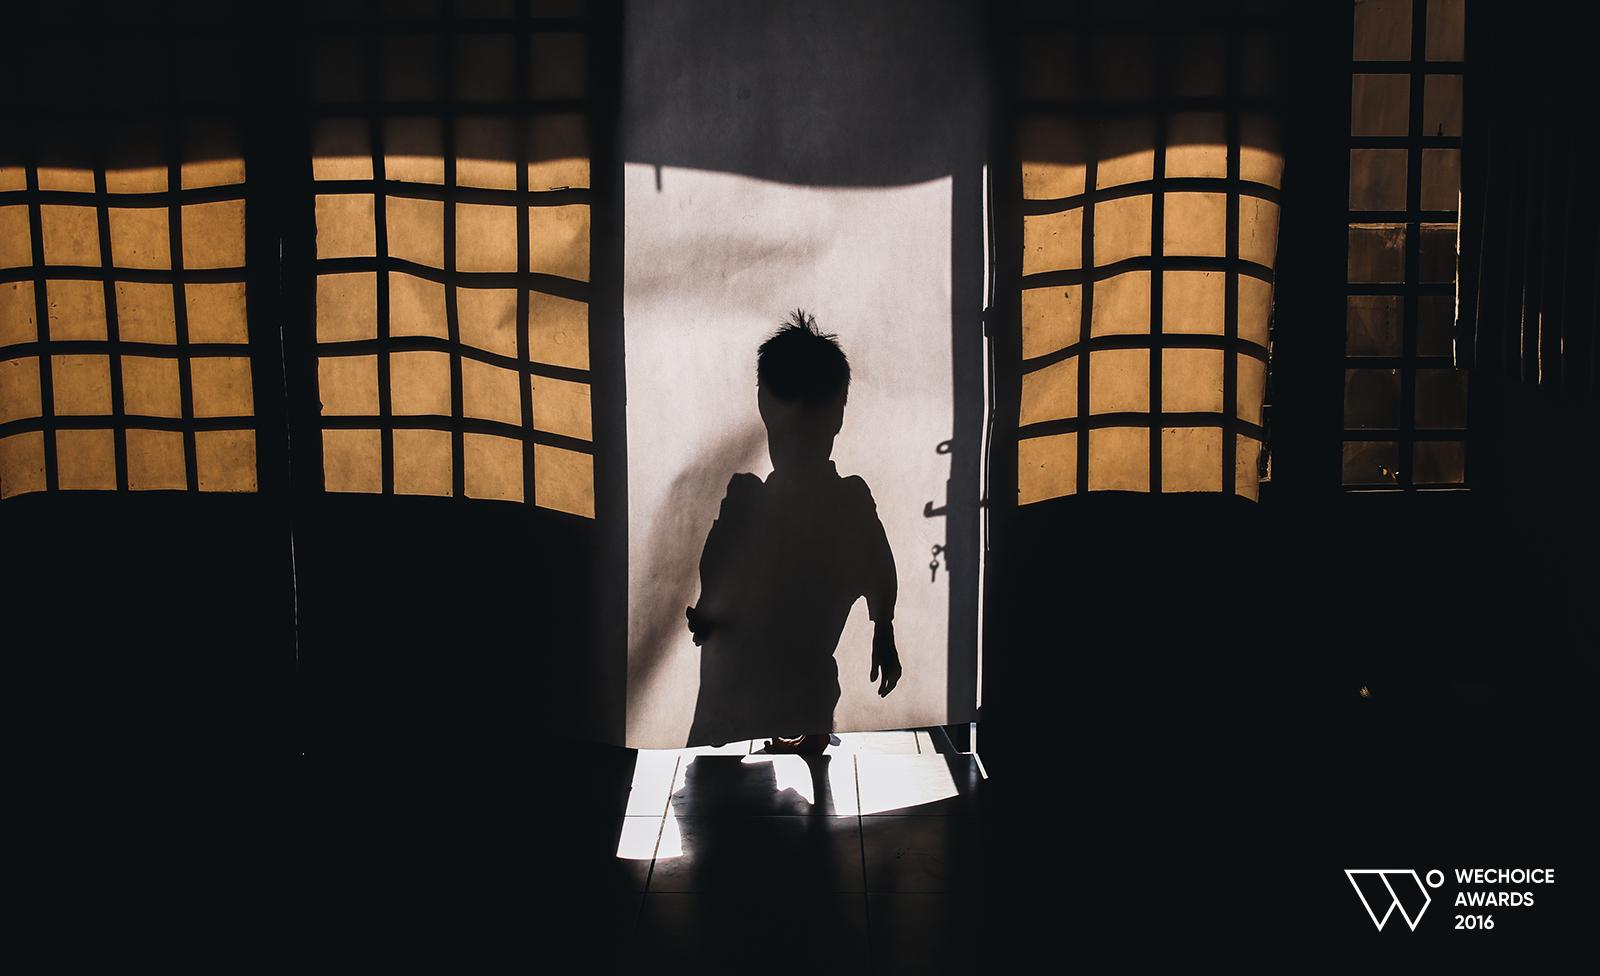 Lê Minh Châu - Từ cậu bé khuyết tật ở làng Hòa Bình đến họa sĩ vẽ tranh bằng miệng trong phim tài liệu tranh - Ảnh 10.